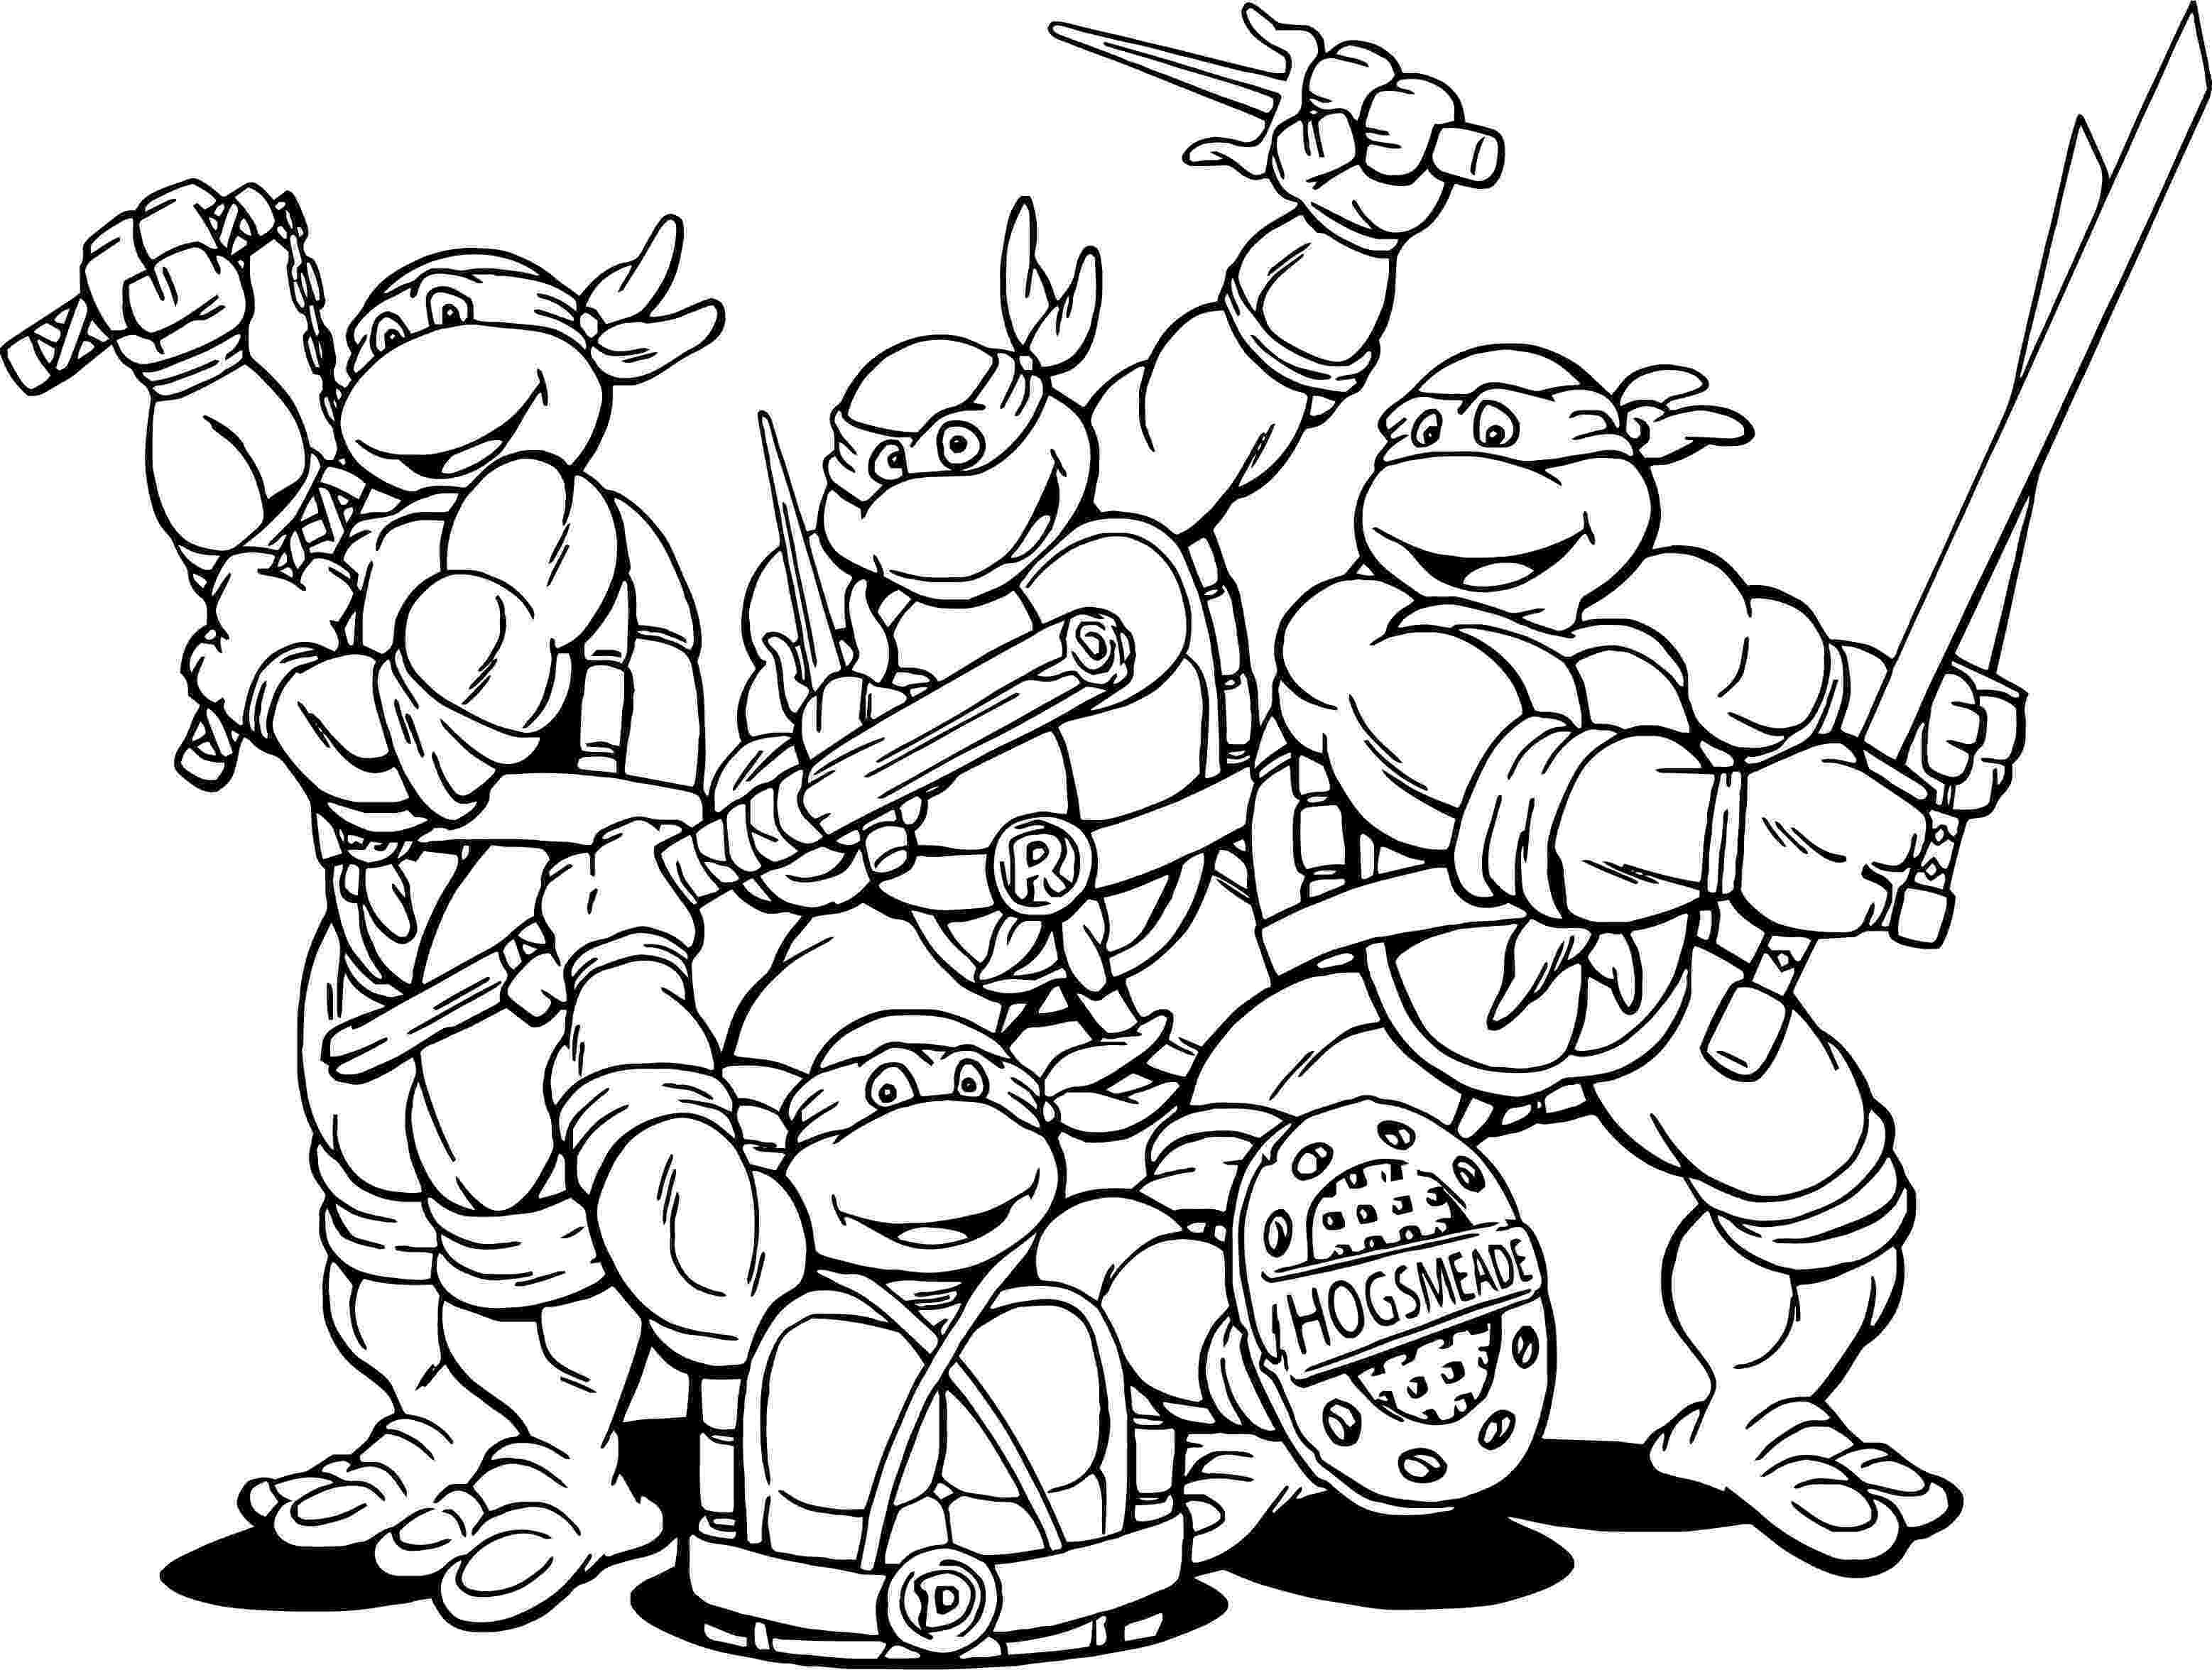 ninja turtles free printable coloring pages ninja turtle coloring pages free printable pictures pages coloring ninja printable turtles free